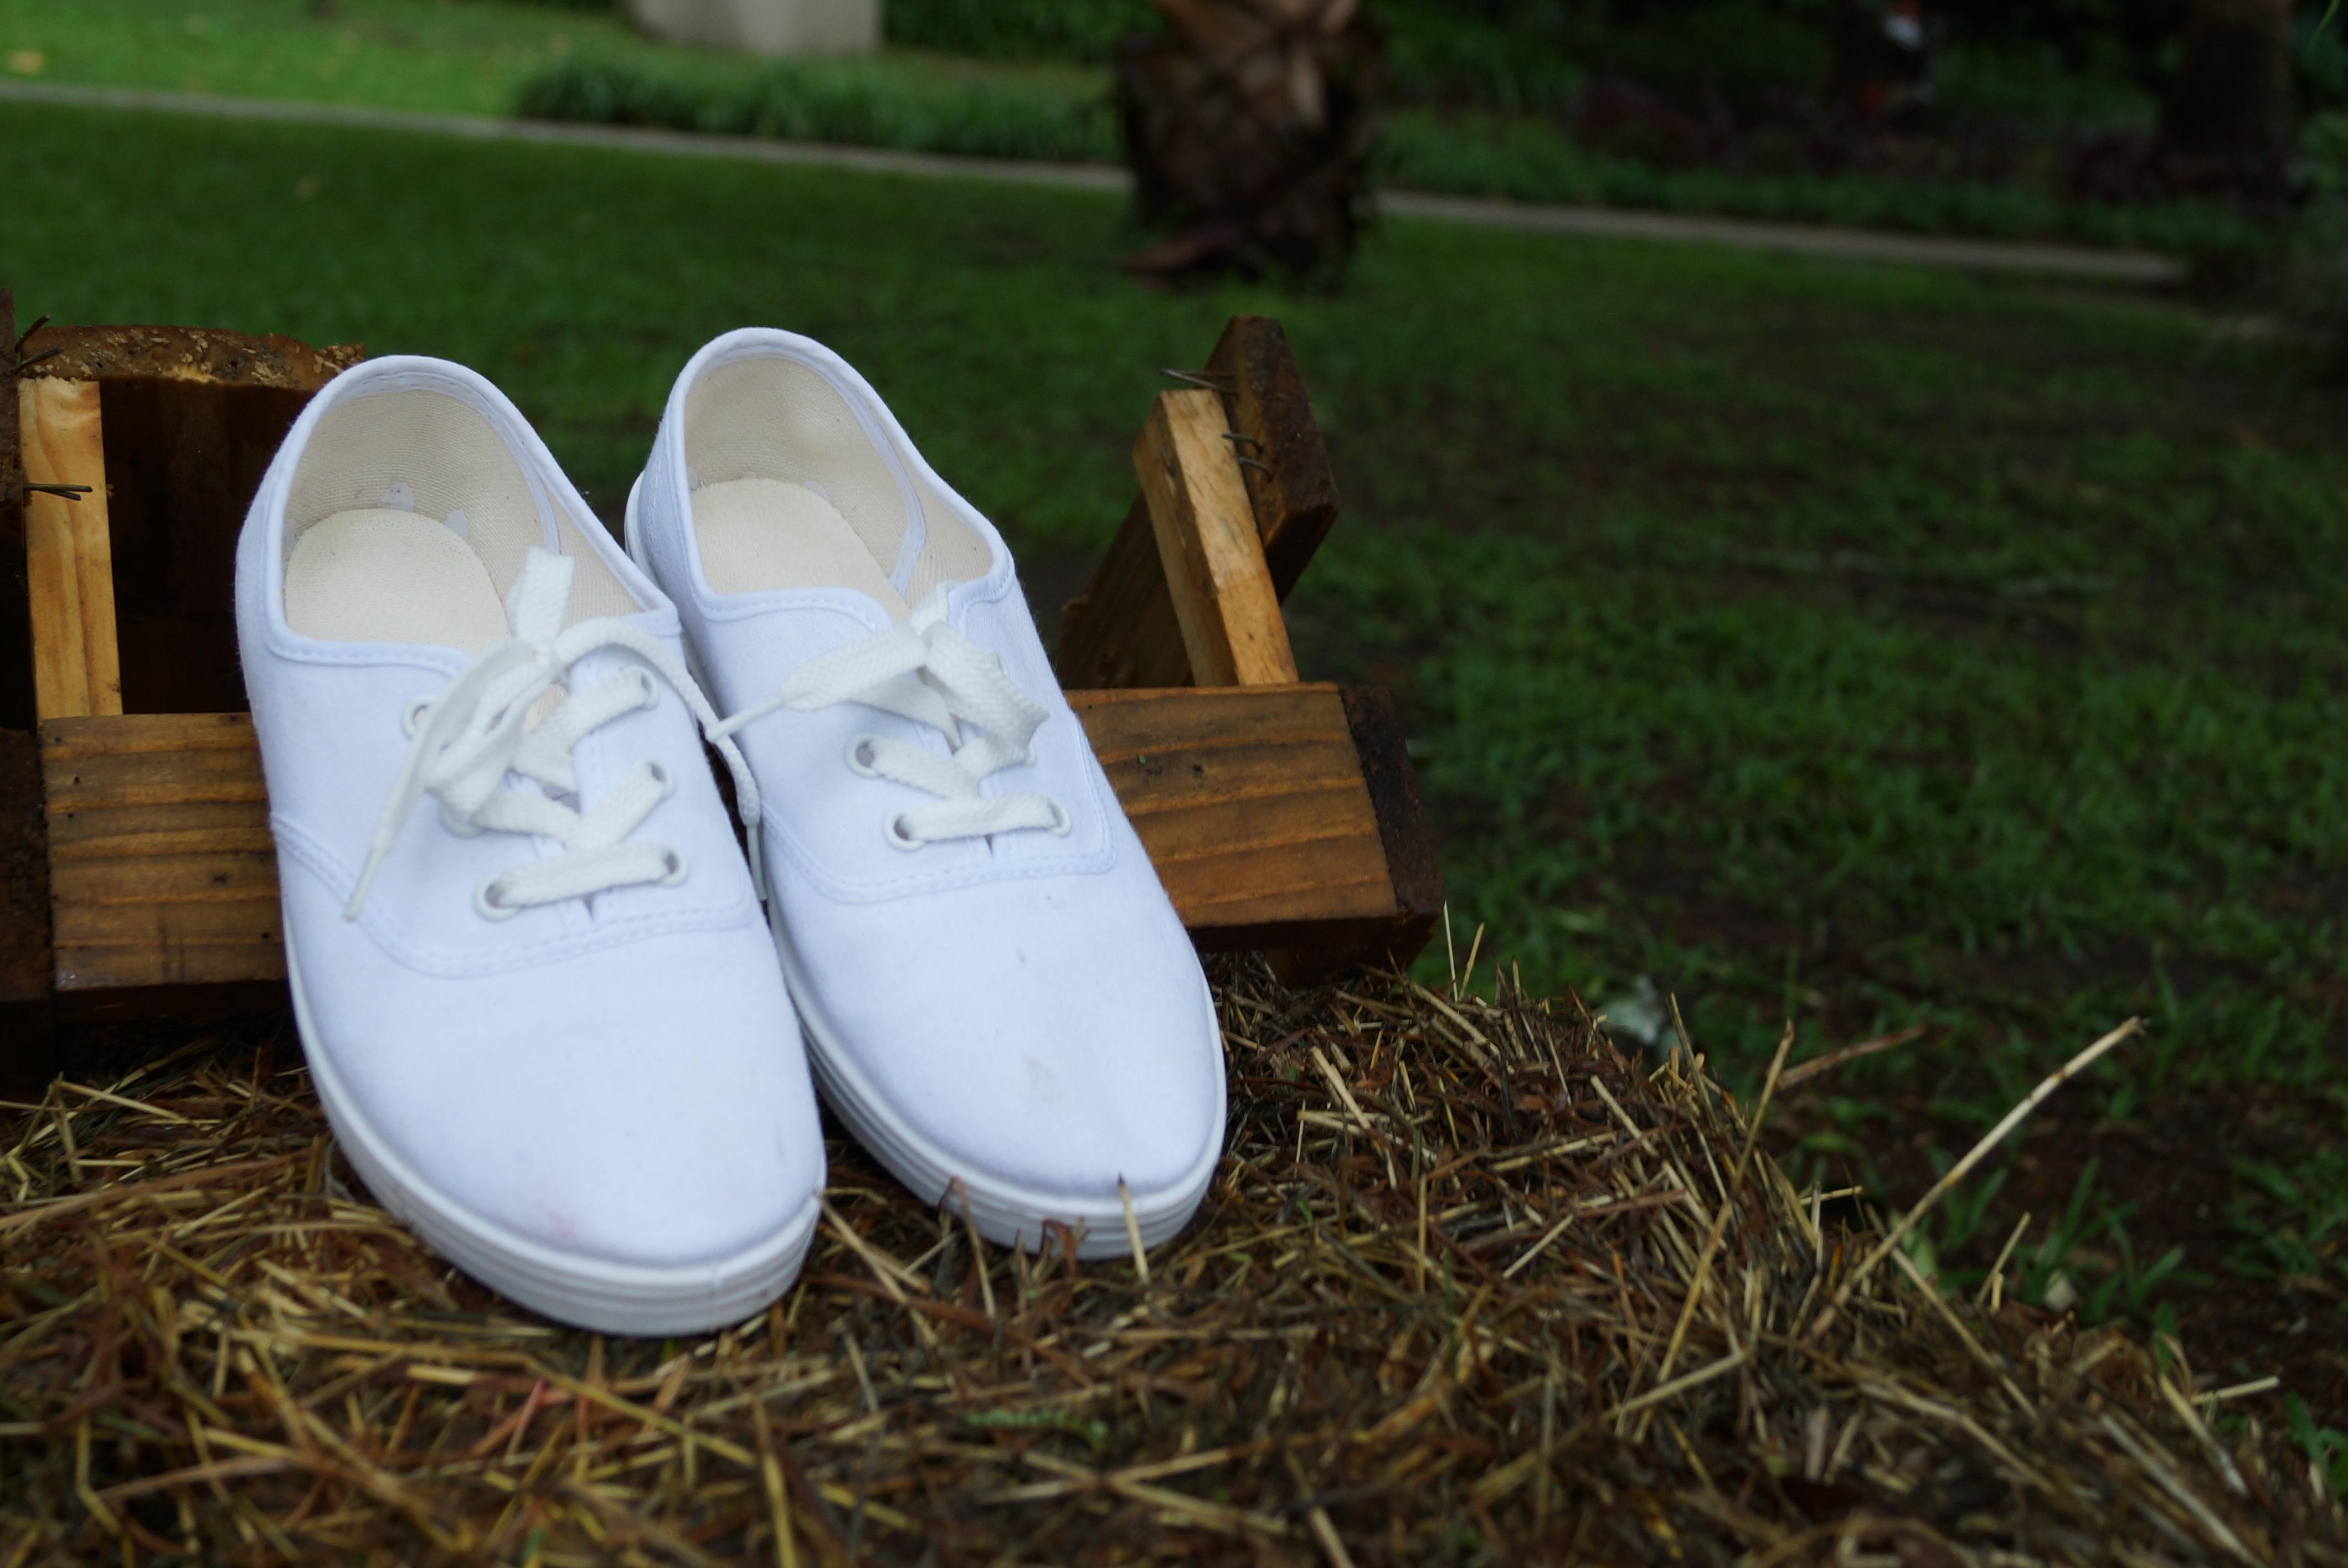 cf328484dba tráva Boty bílý noha jaro tenis tenisky obuv Venuše outdoor obuv pisahuevos